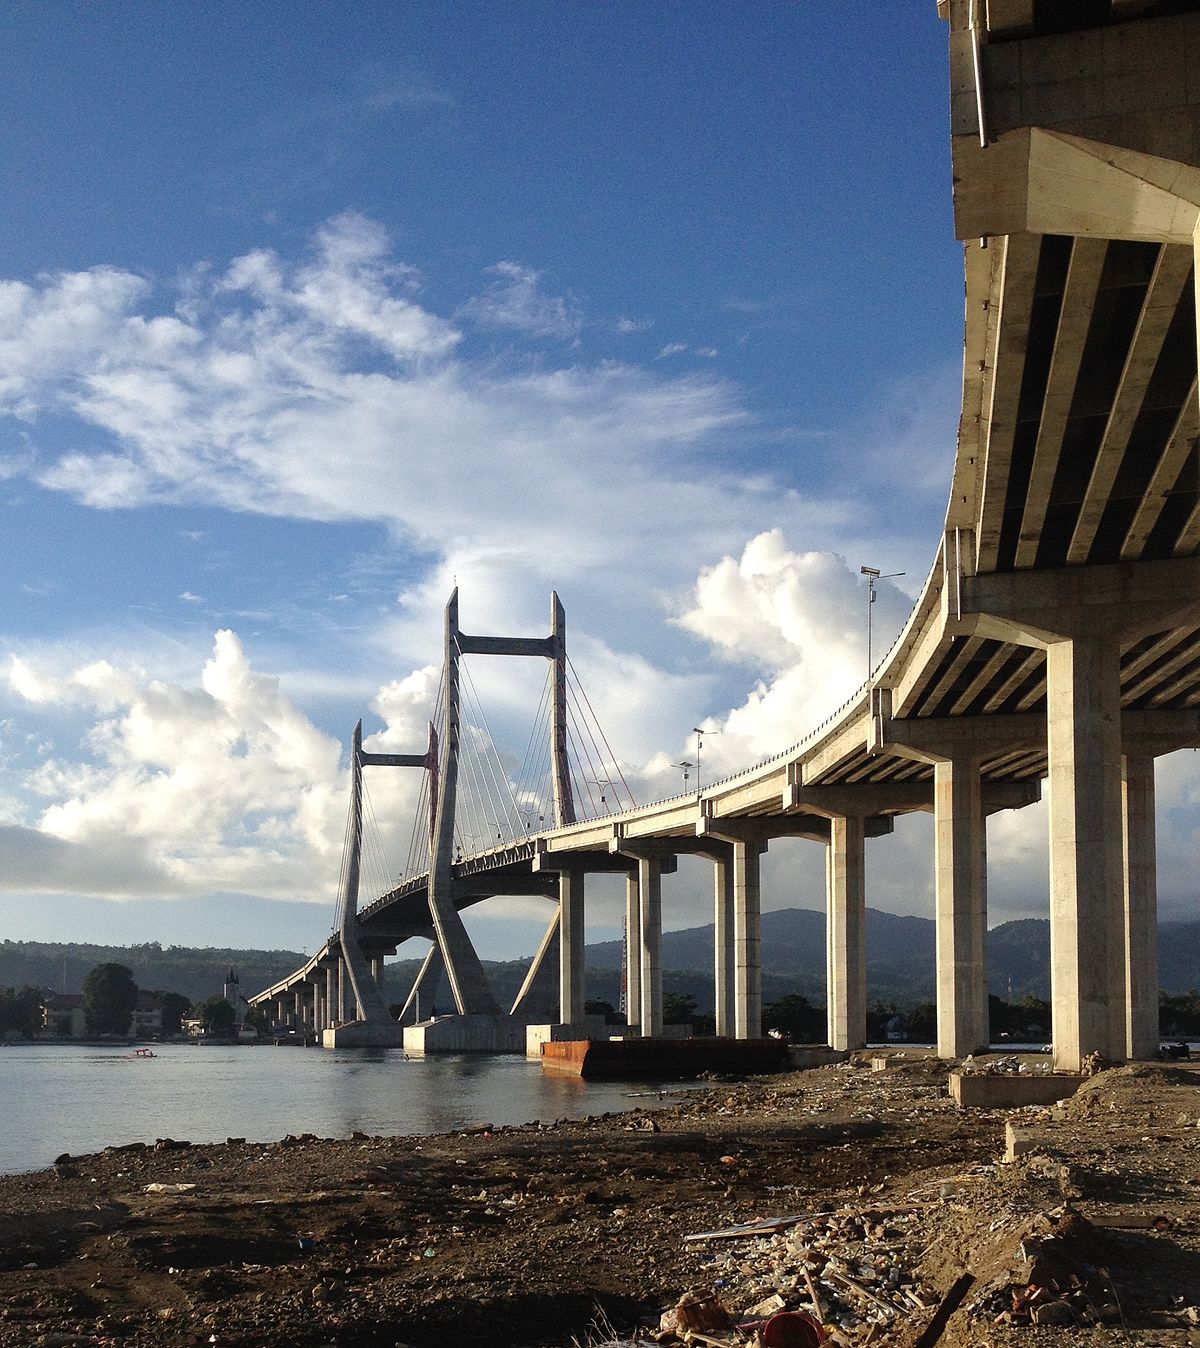 Merah Putih Bridge - Wikipedia